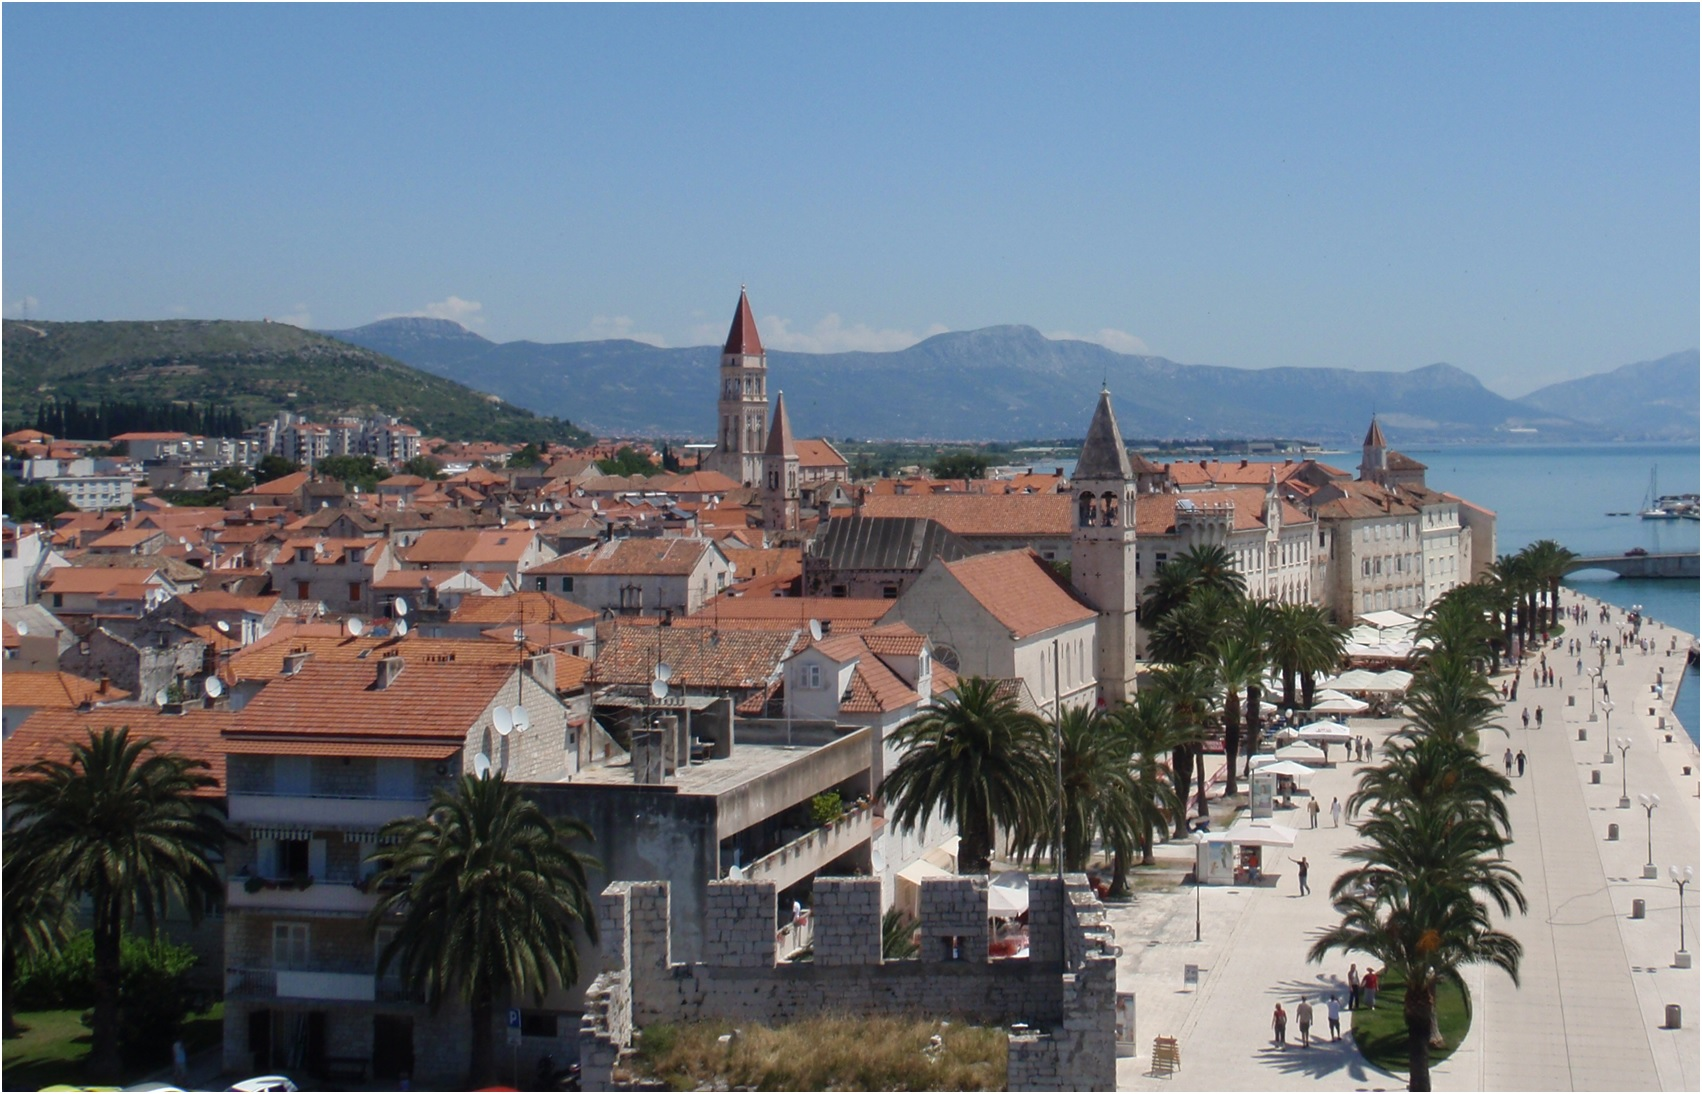 Trogir Waterfront